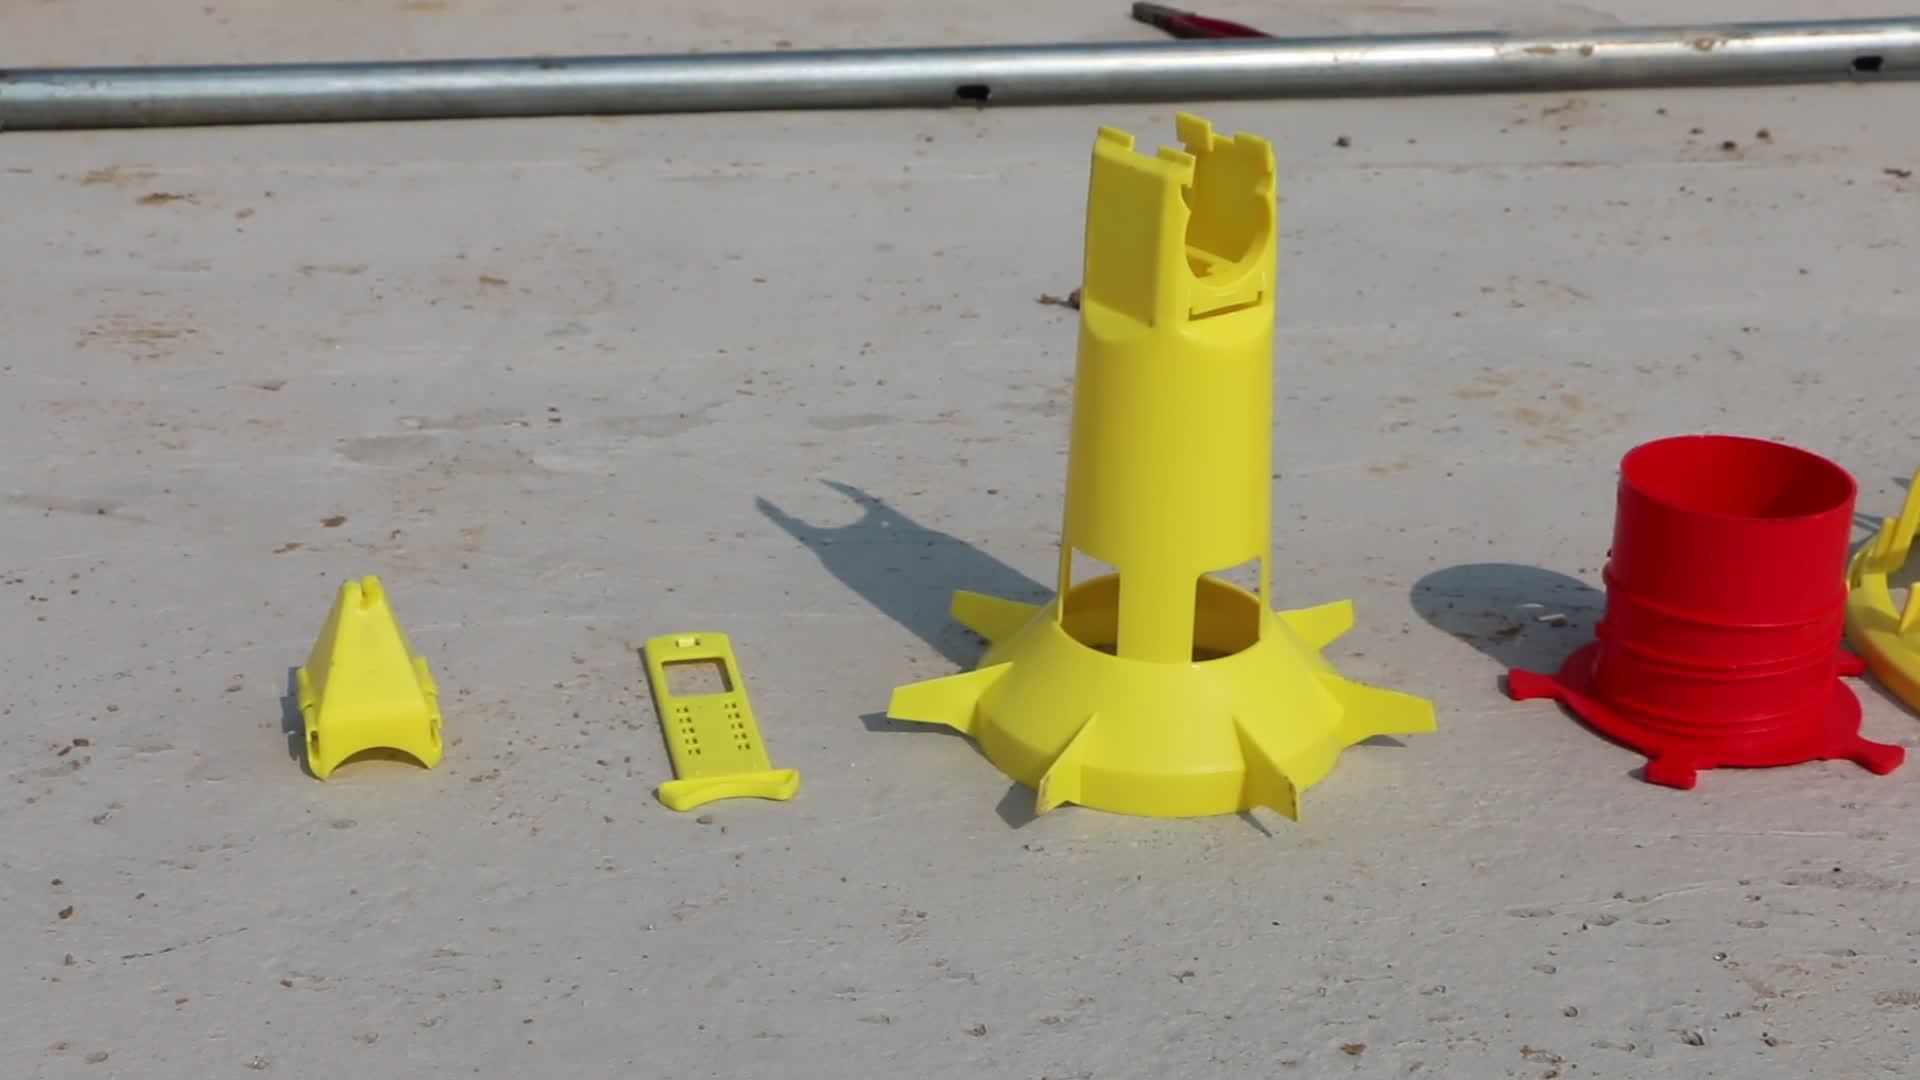 床調達自動ディープ砂システム養鶏ブロイラー給紙トレイ洪水家禽飼料フィーダーフライパン